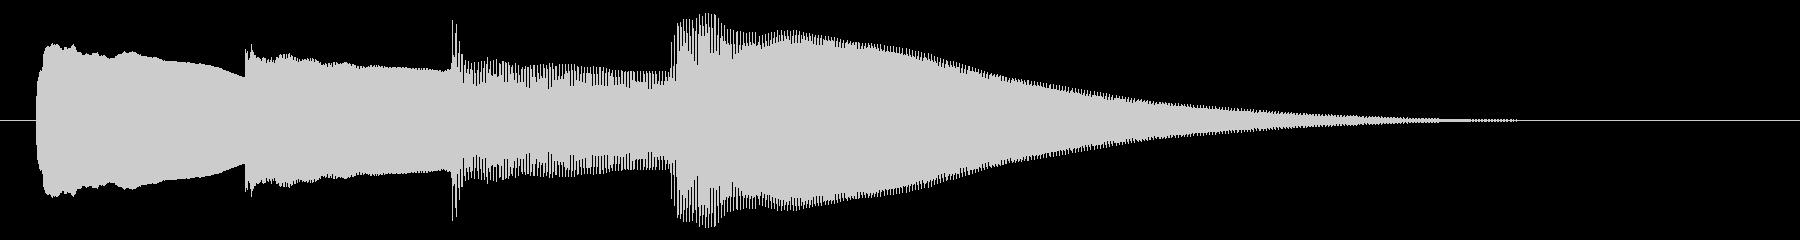 チャイム アナウンス07-4の未再生の波形